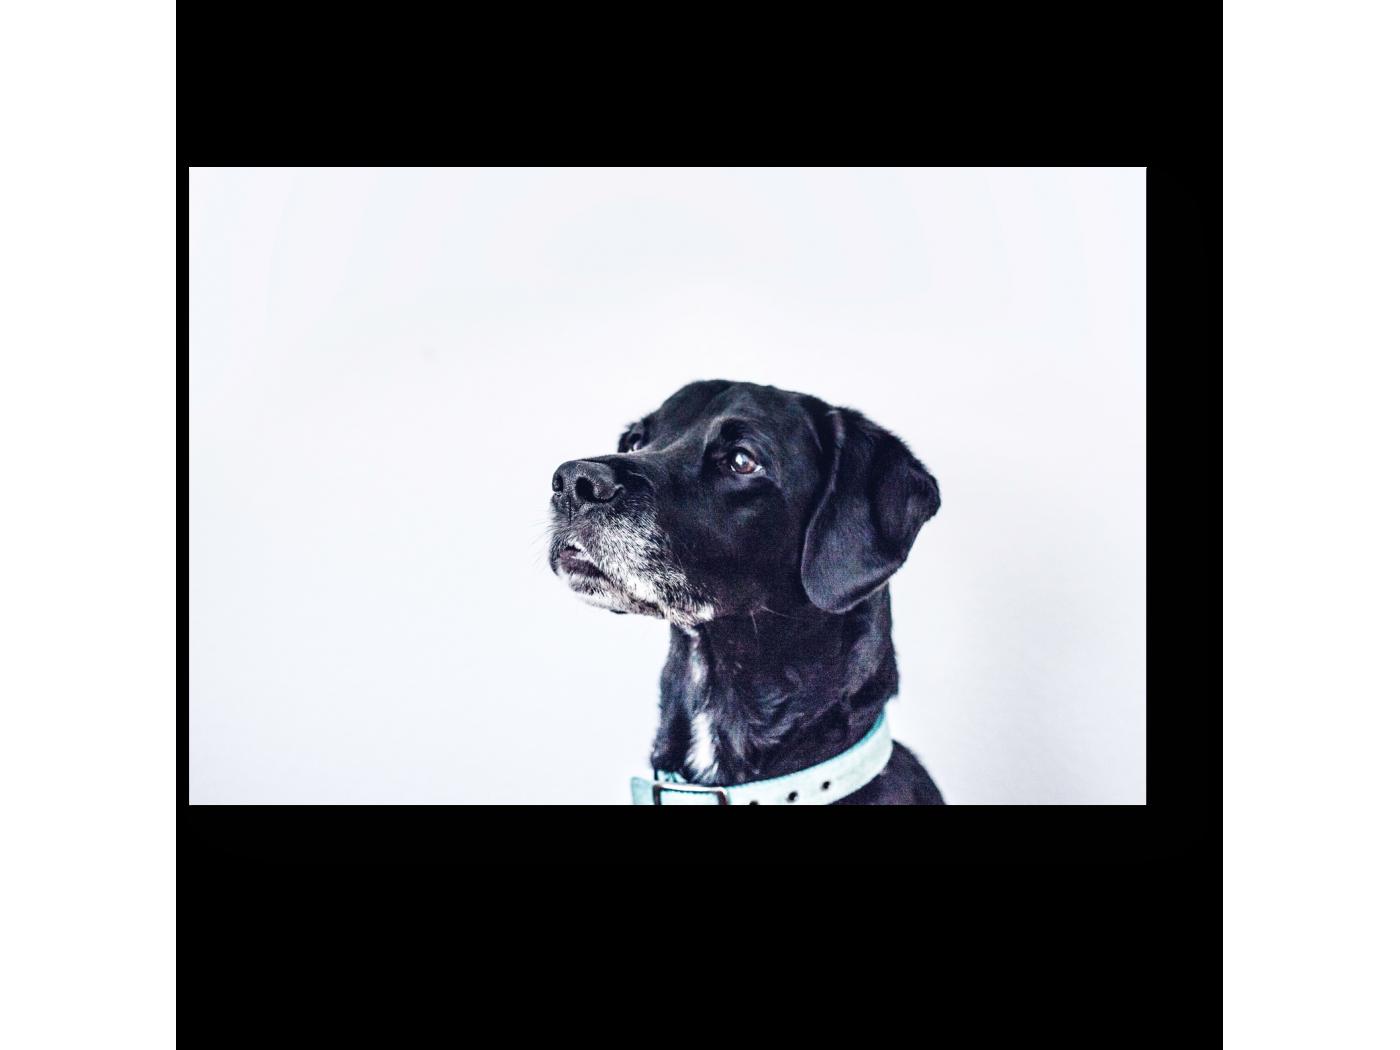 Модульная картина Гордый пес (30x20) фото